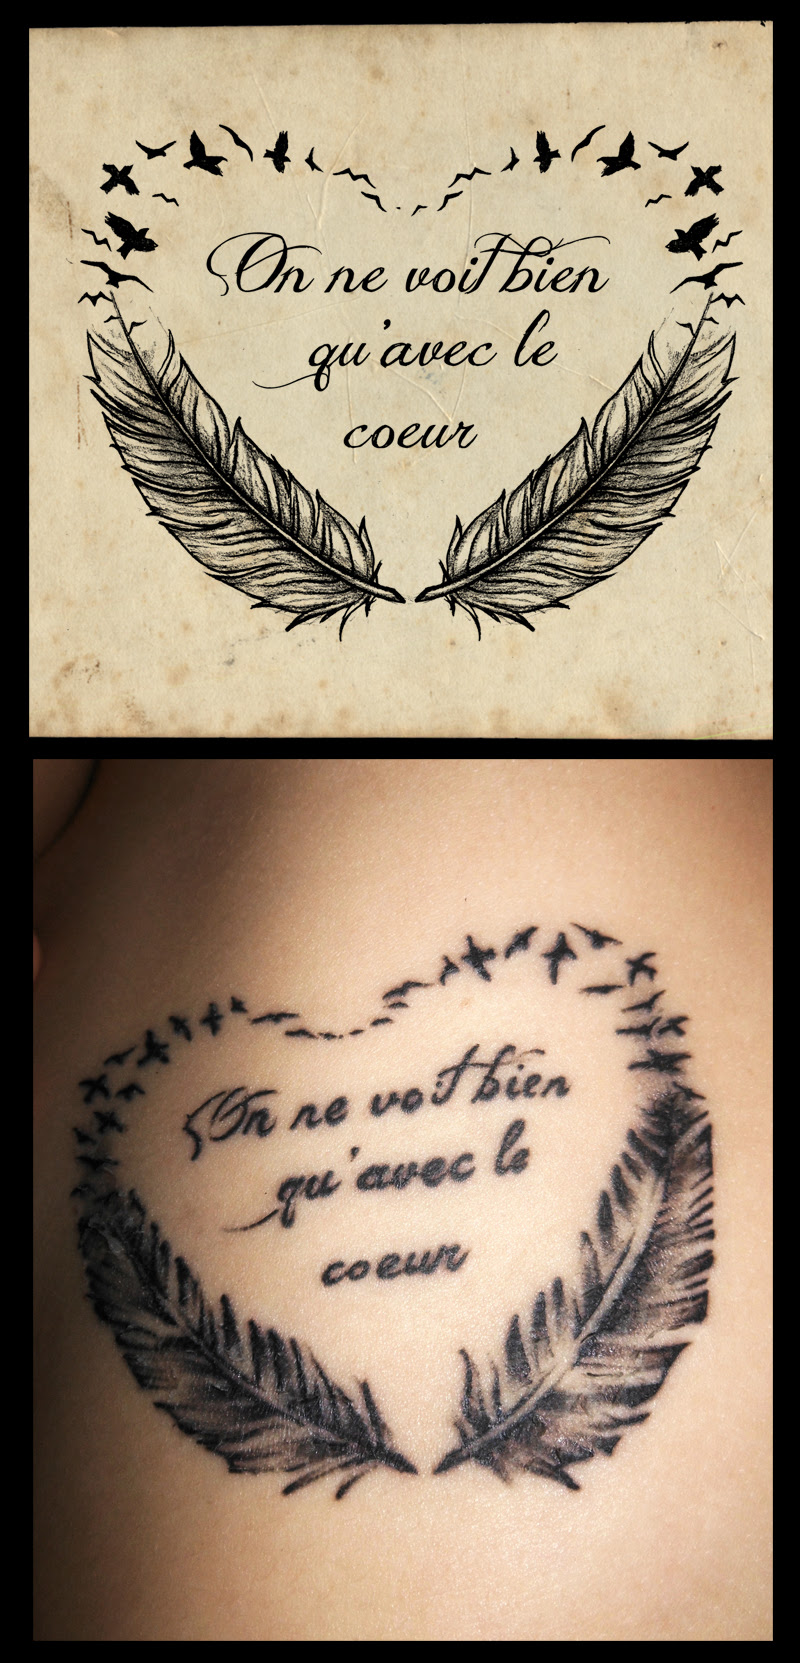 Smiling Tattoo Quotes Designs 4 Quote